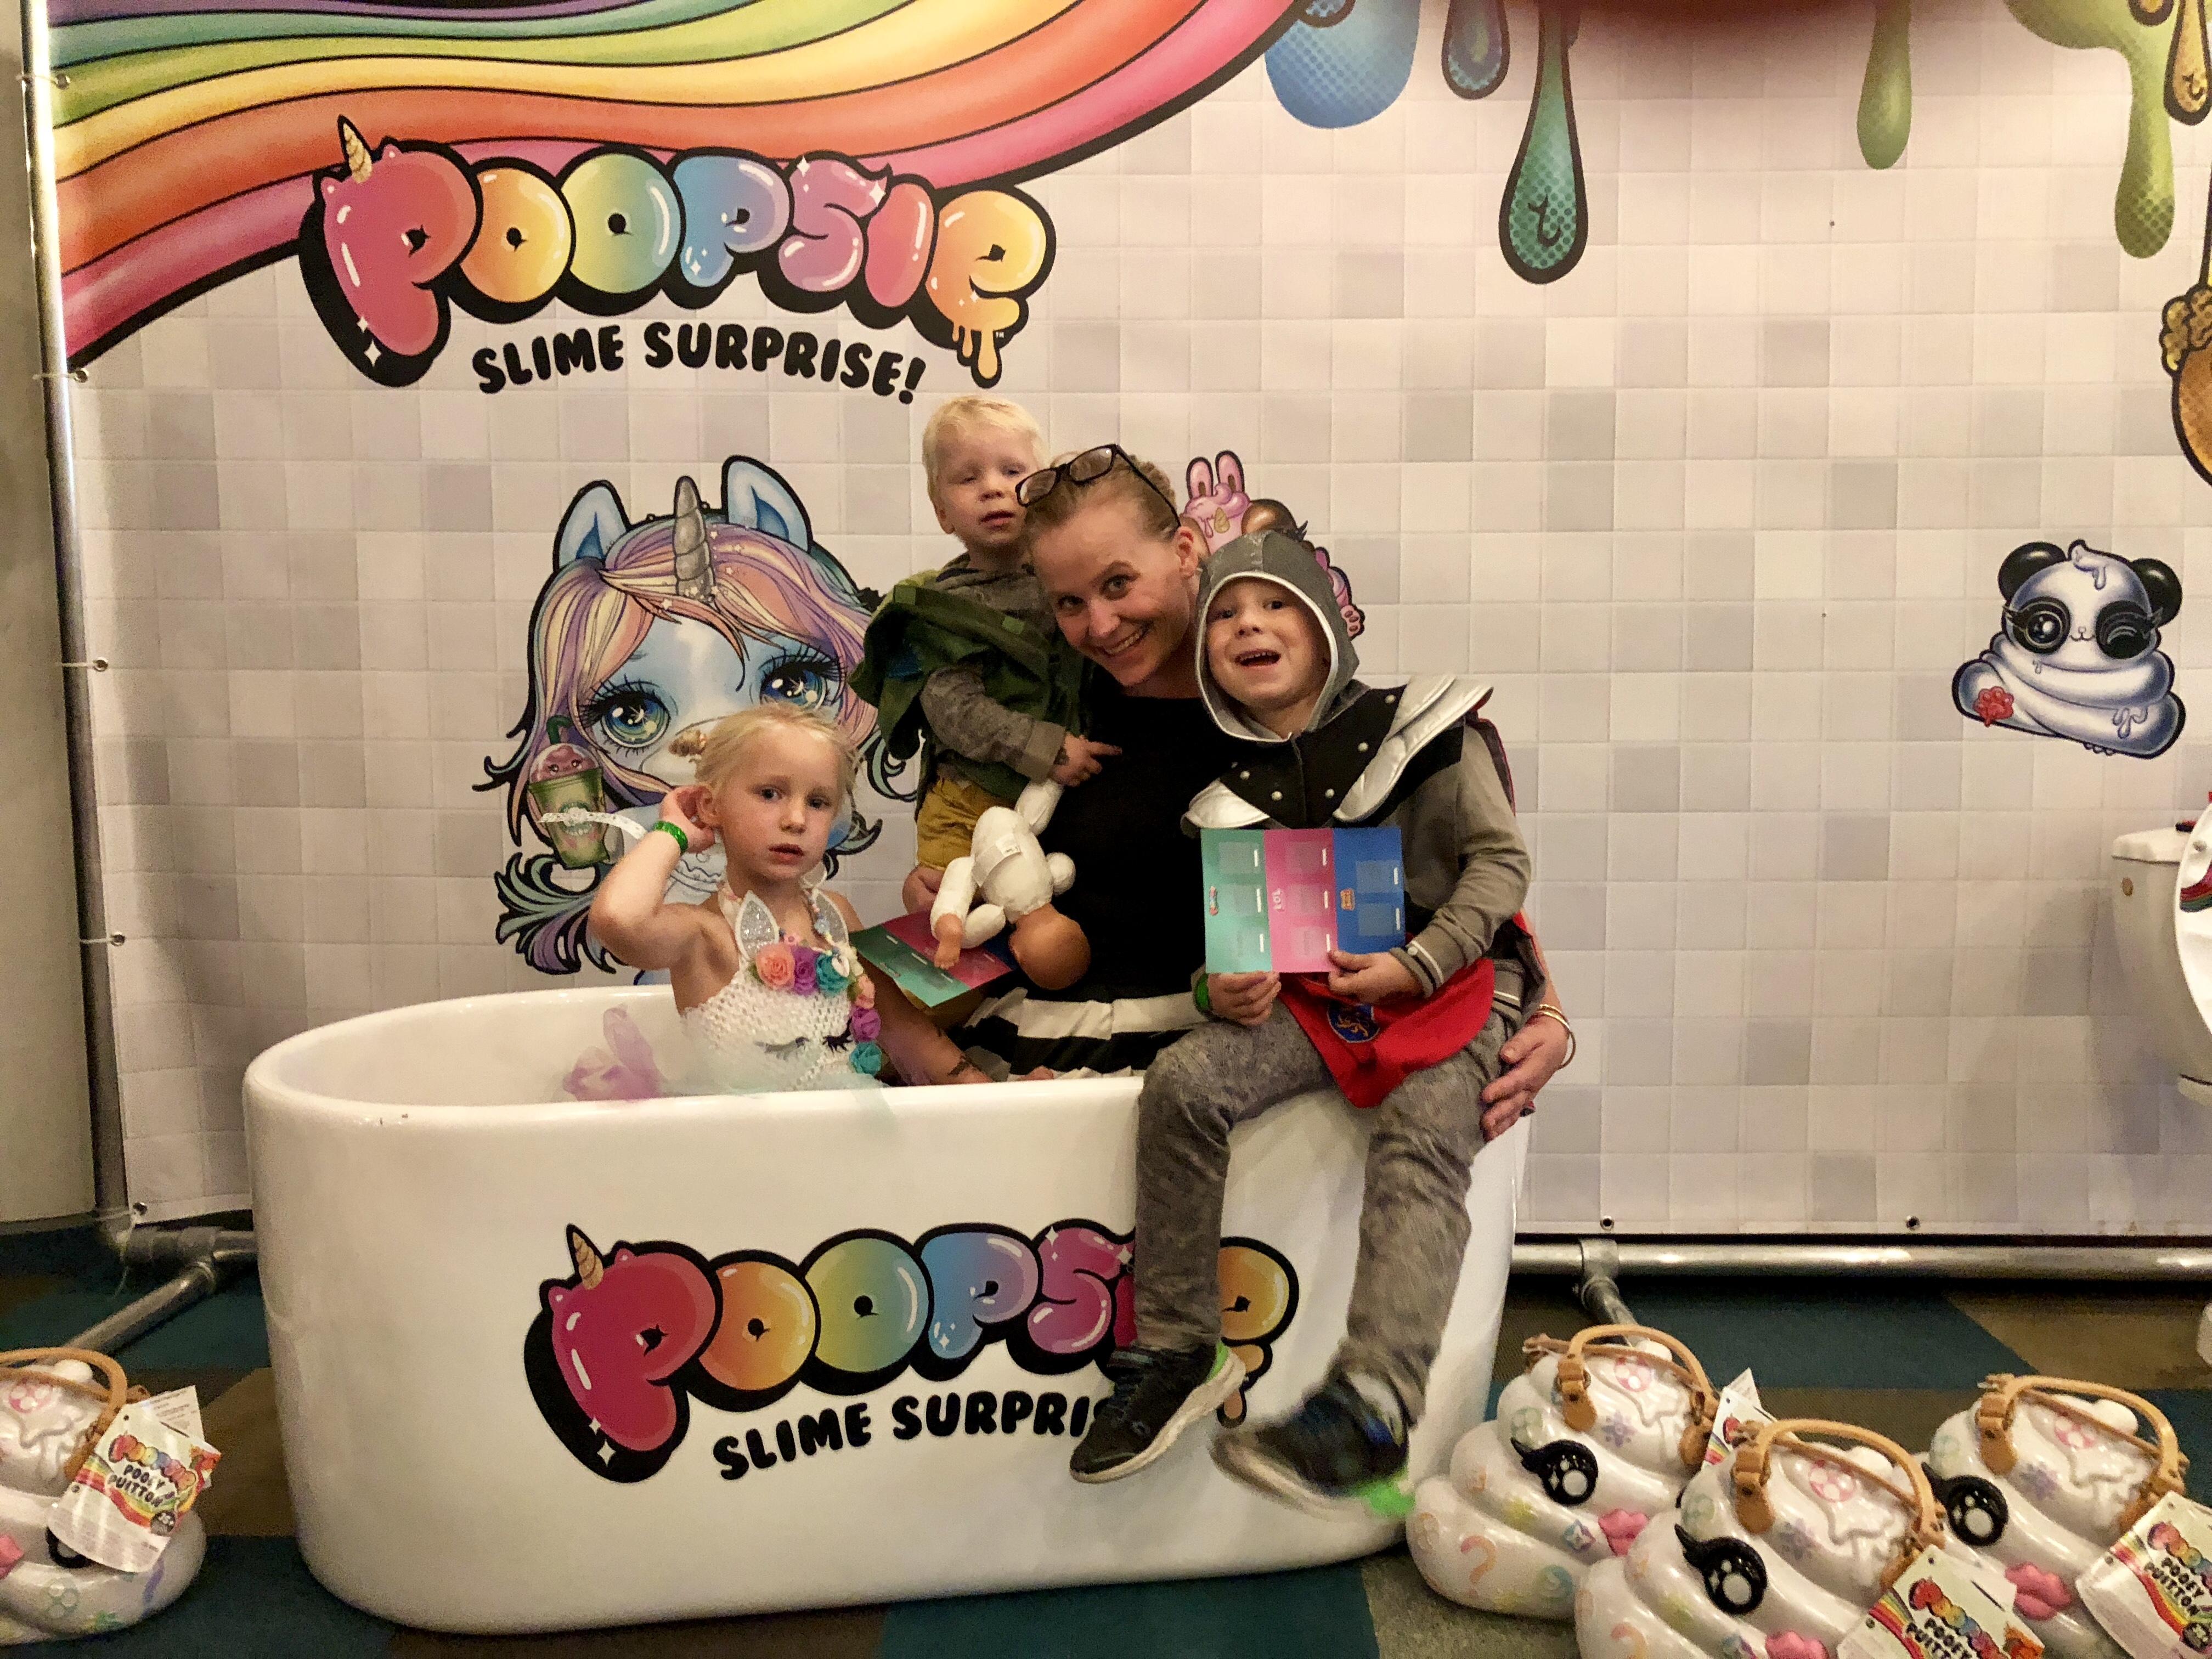 poopslie slime unboxing event